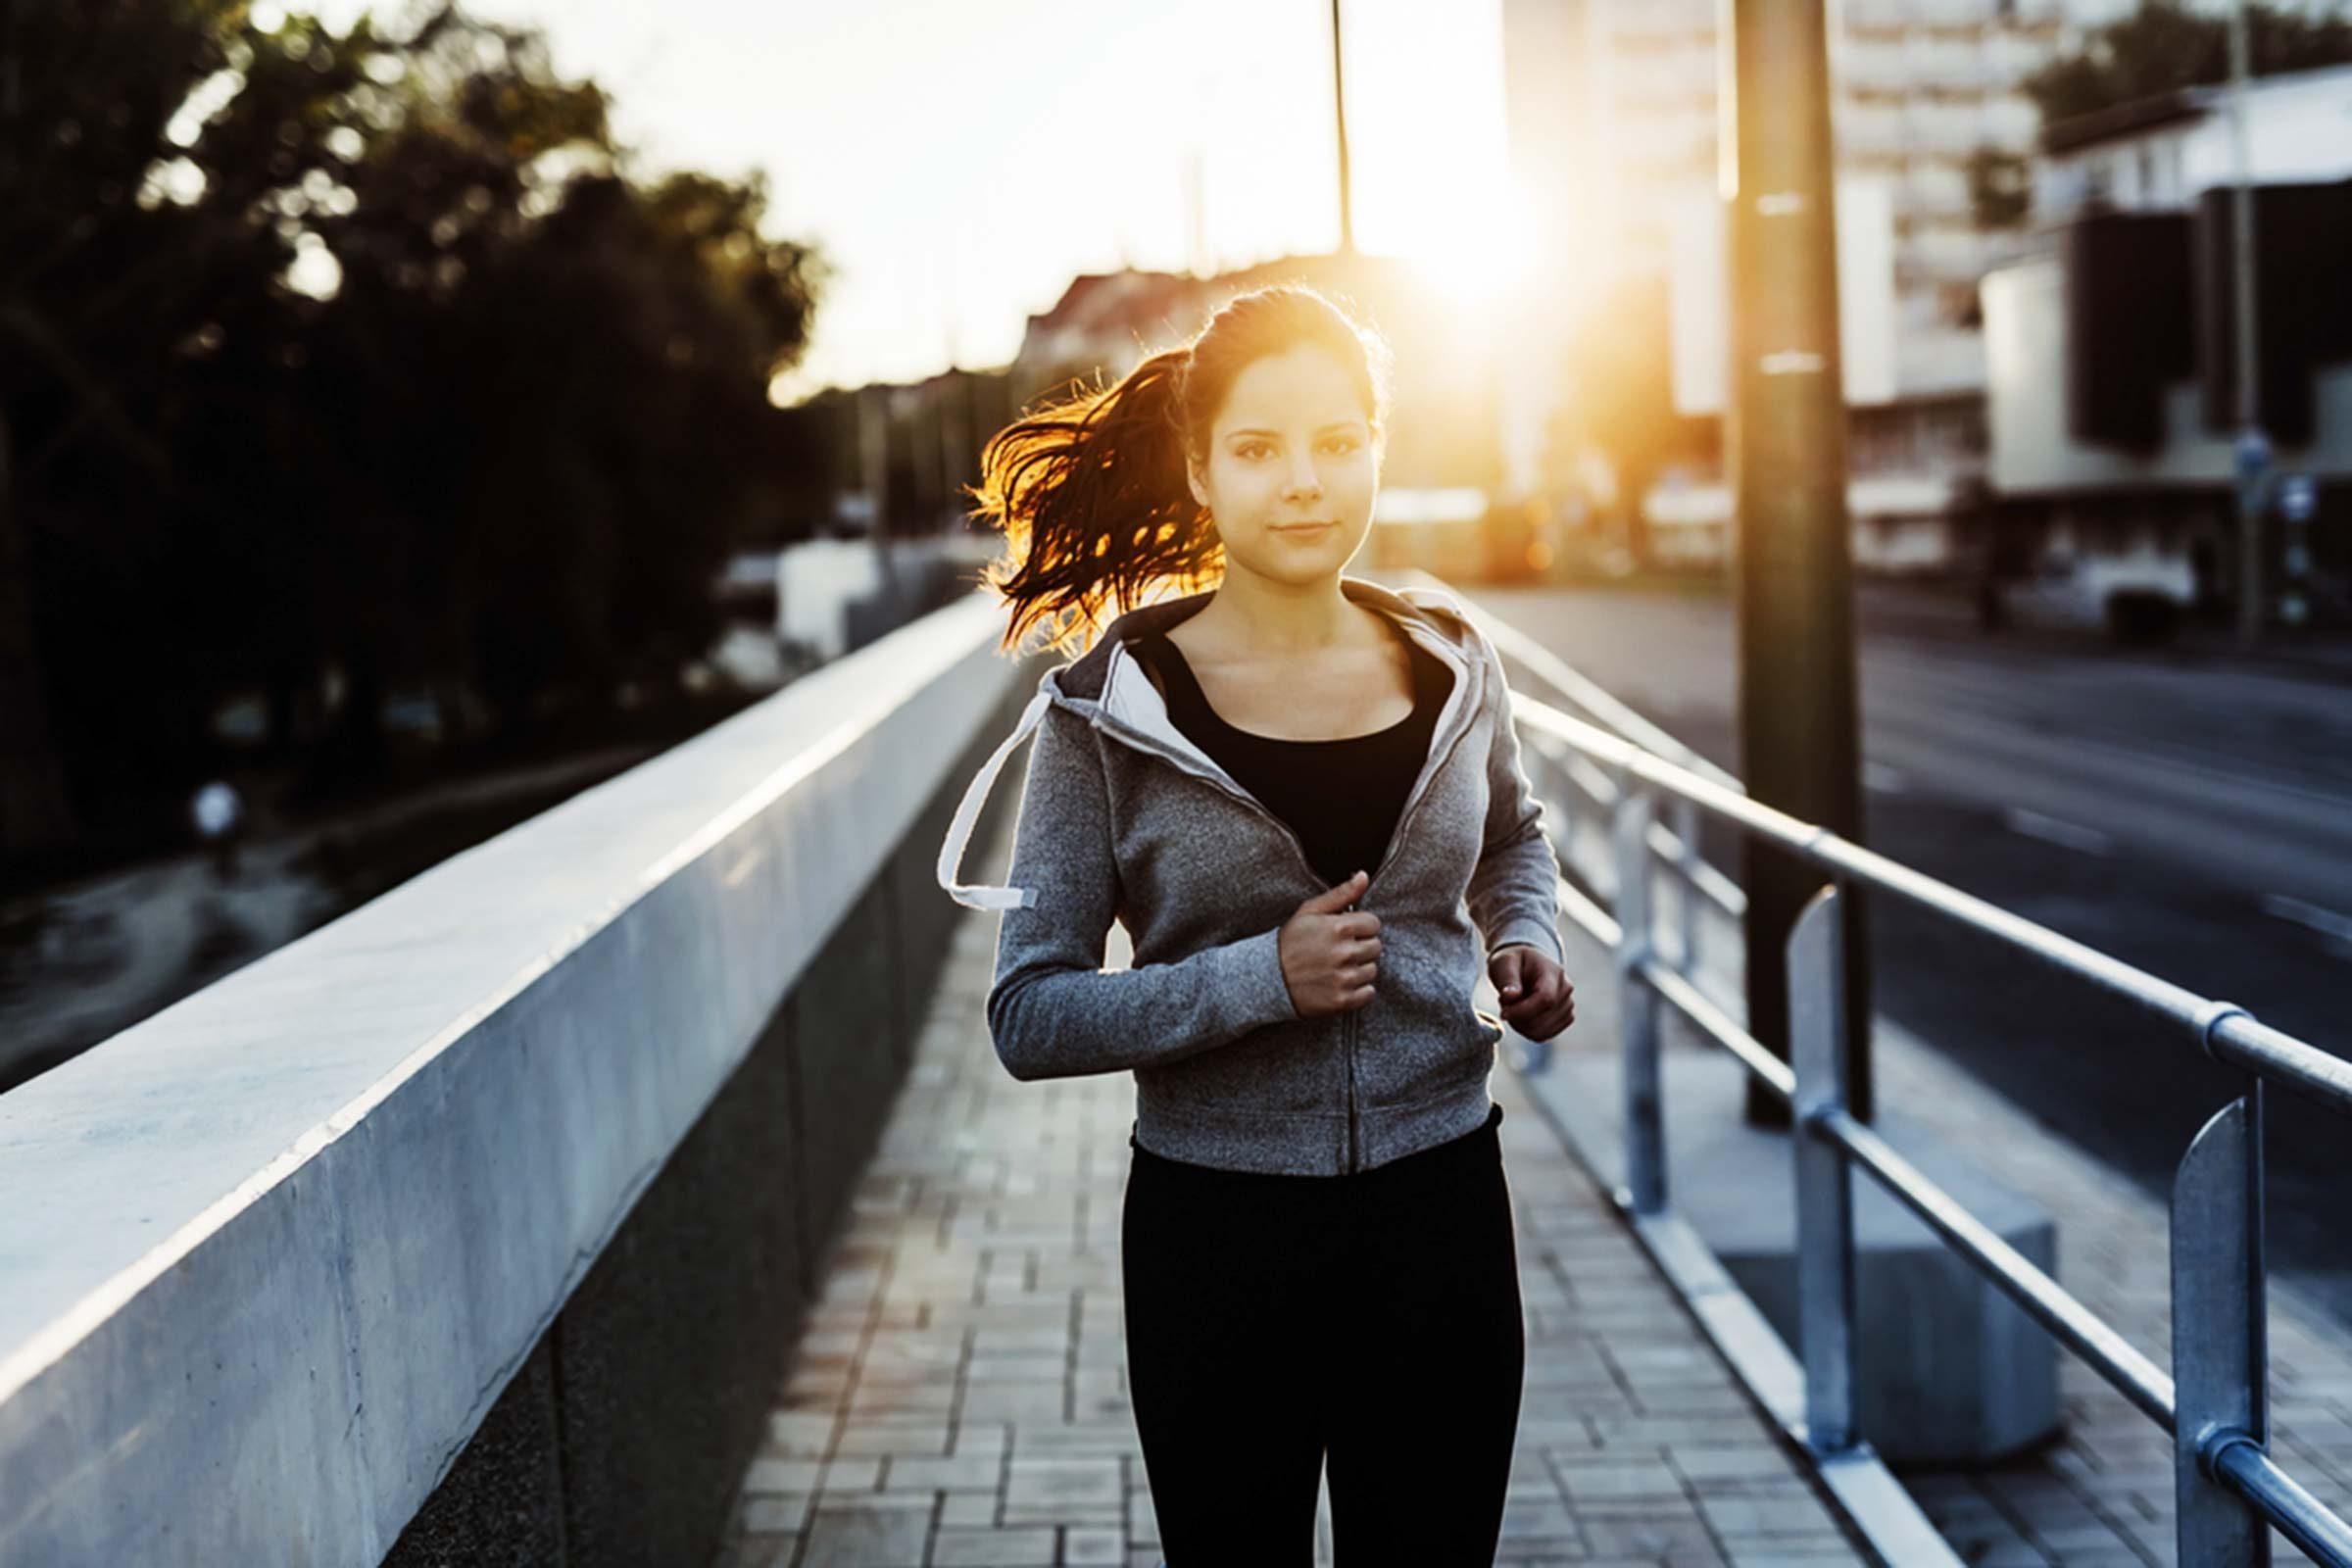 Allez courir ou marcher